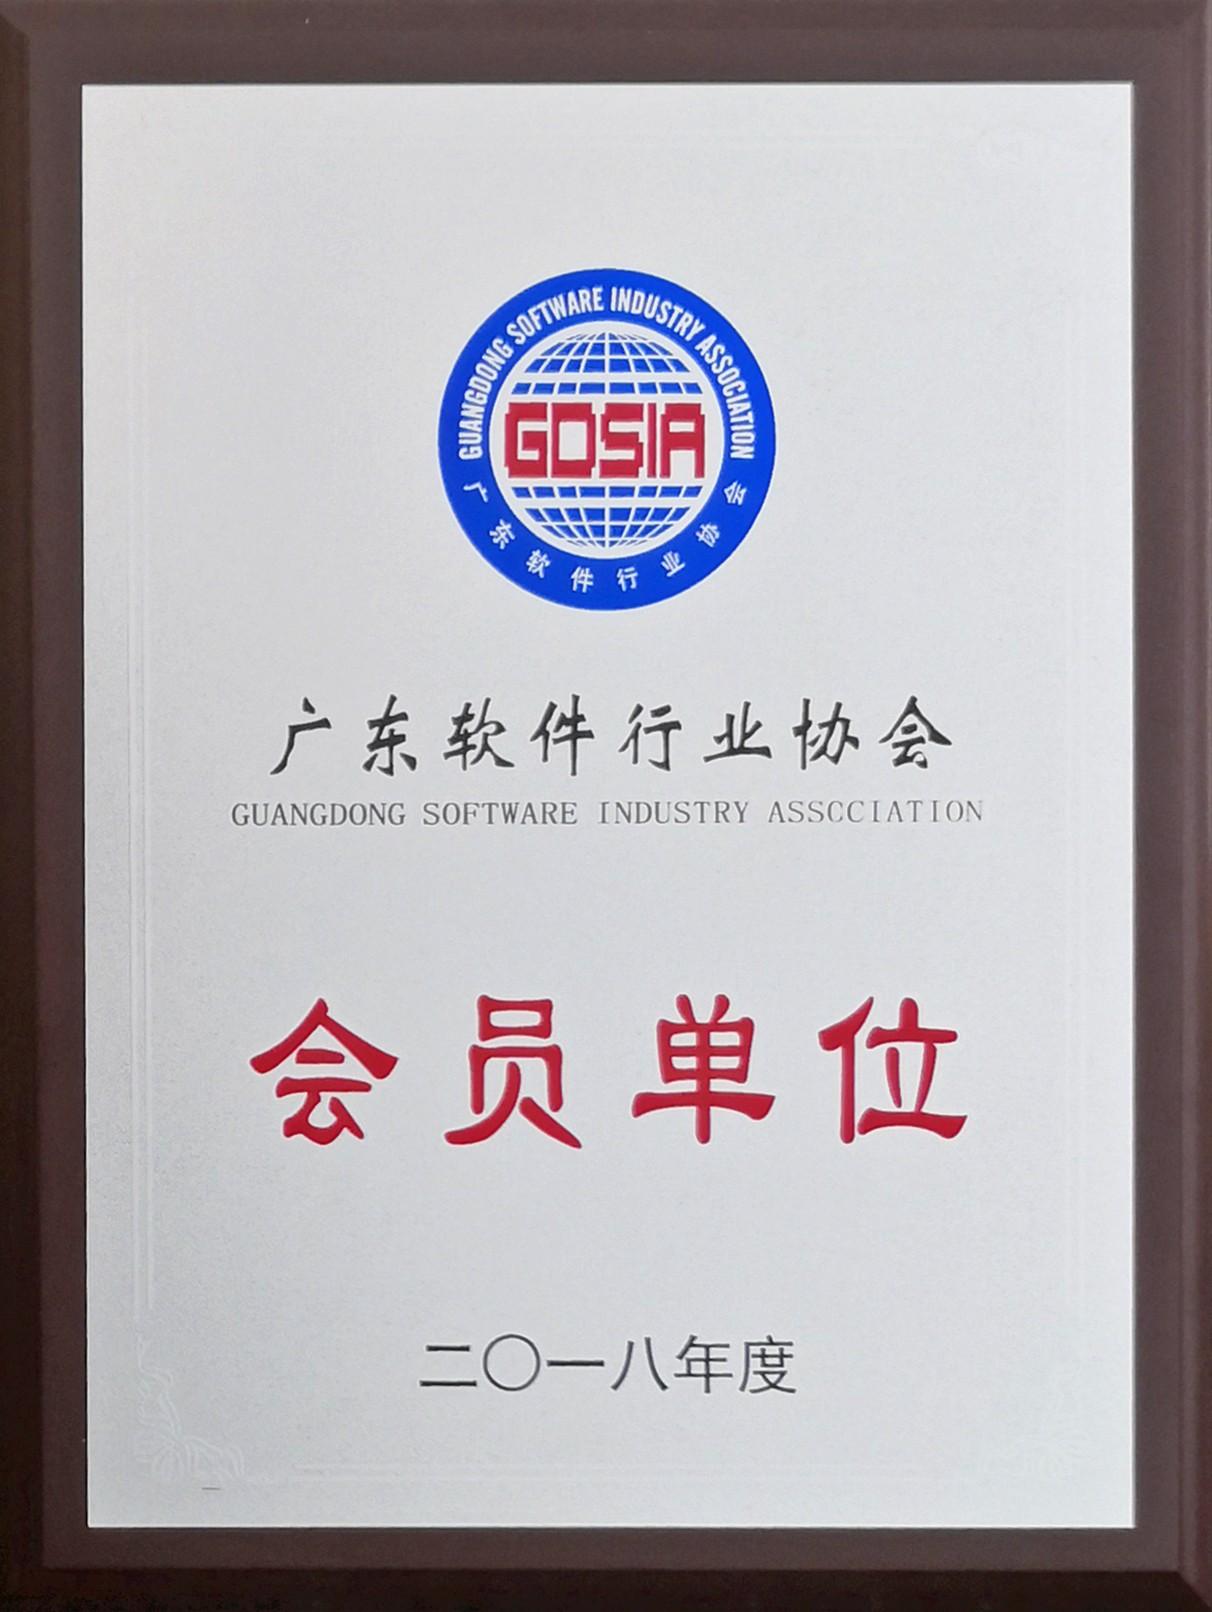 软件行业协会会员单位